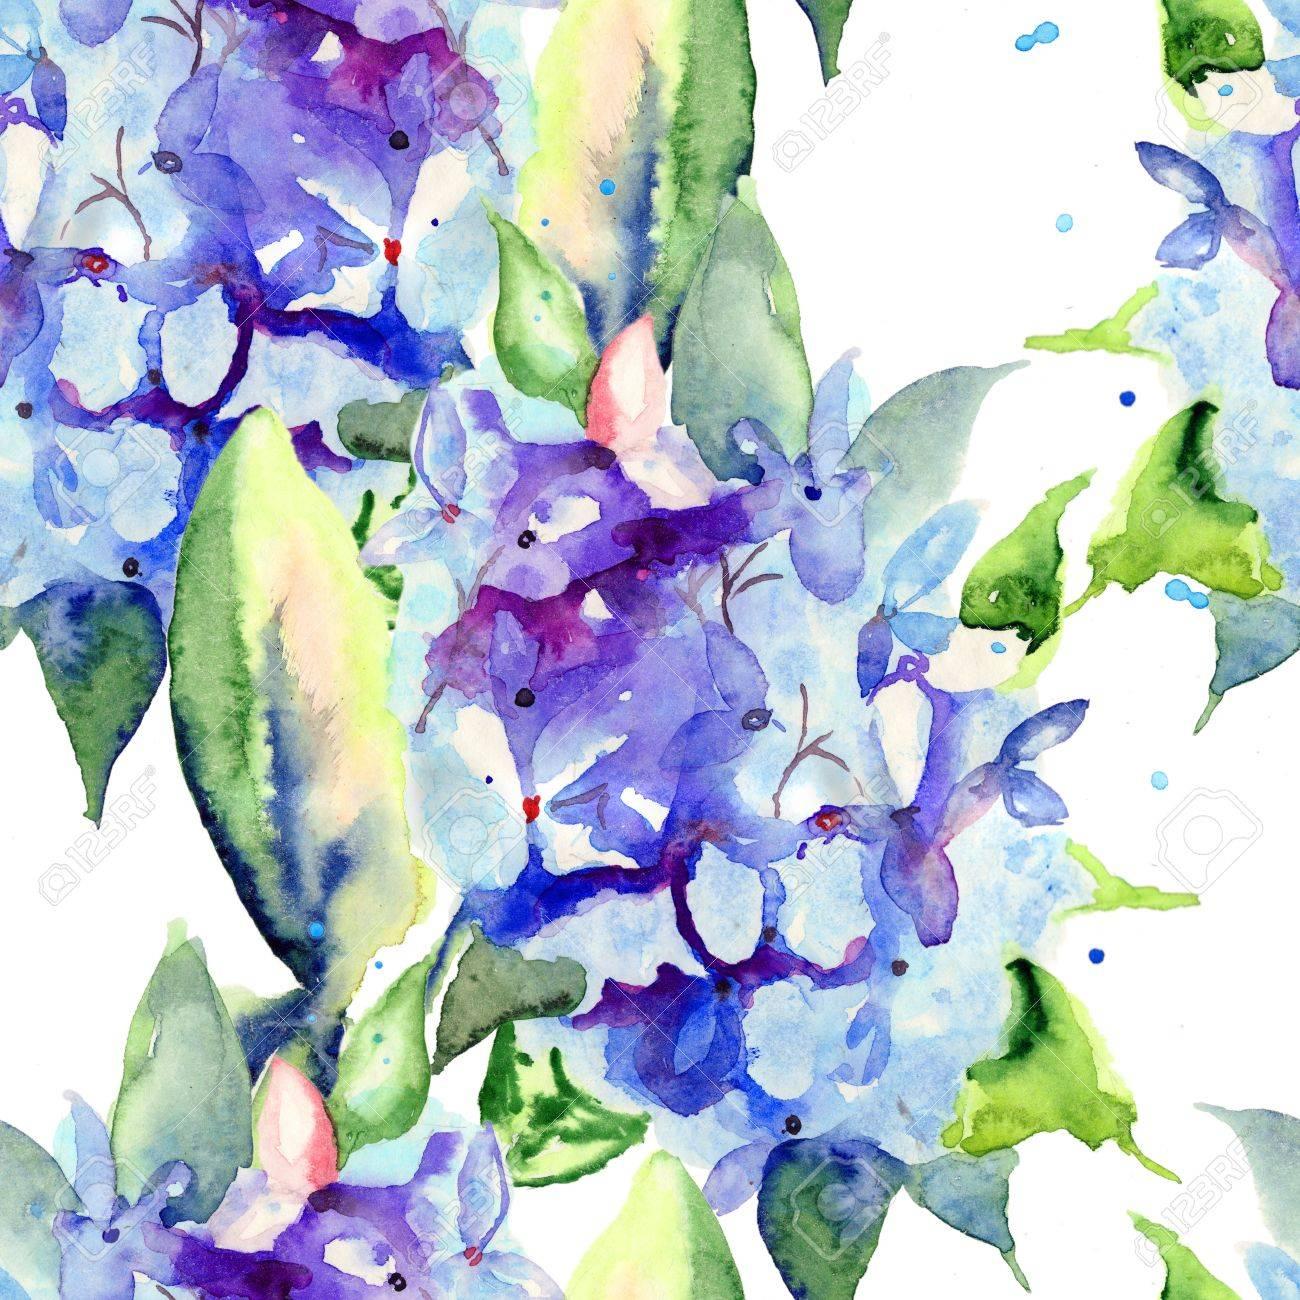 美しい青い花 水彩画イラストでシームレスな壁紙 の写真素材 画像